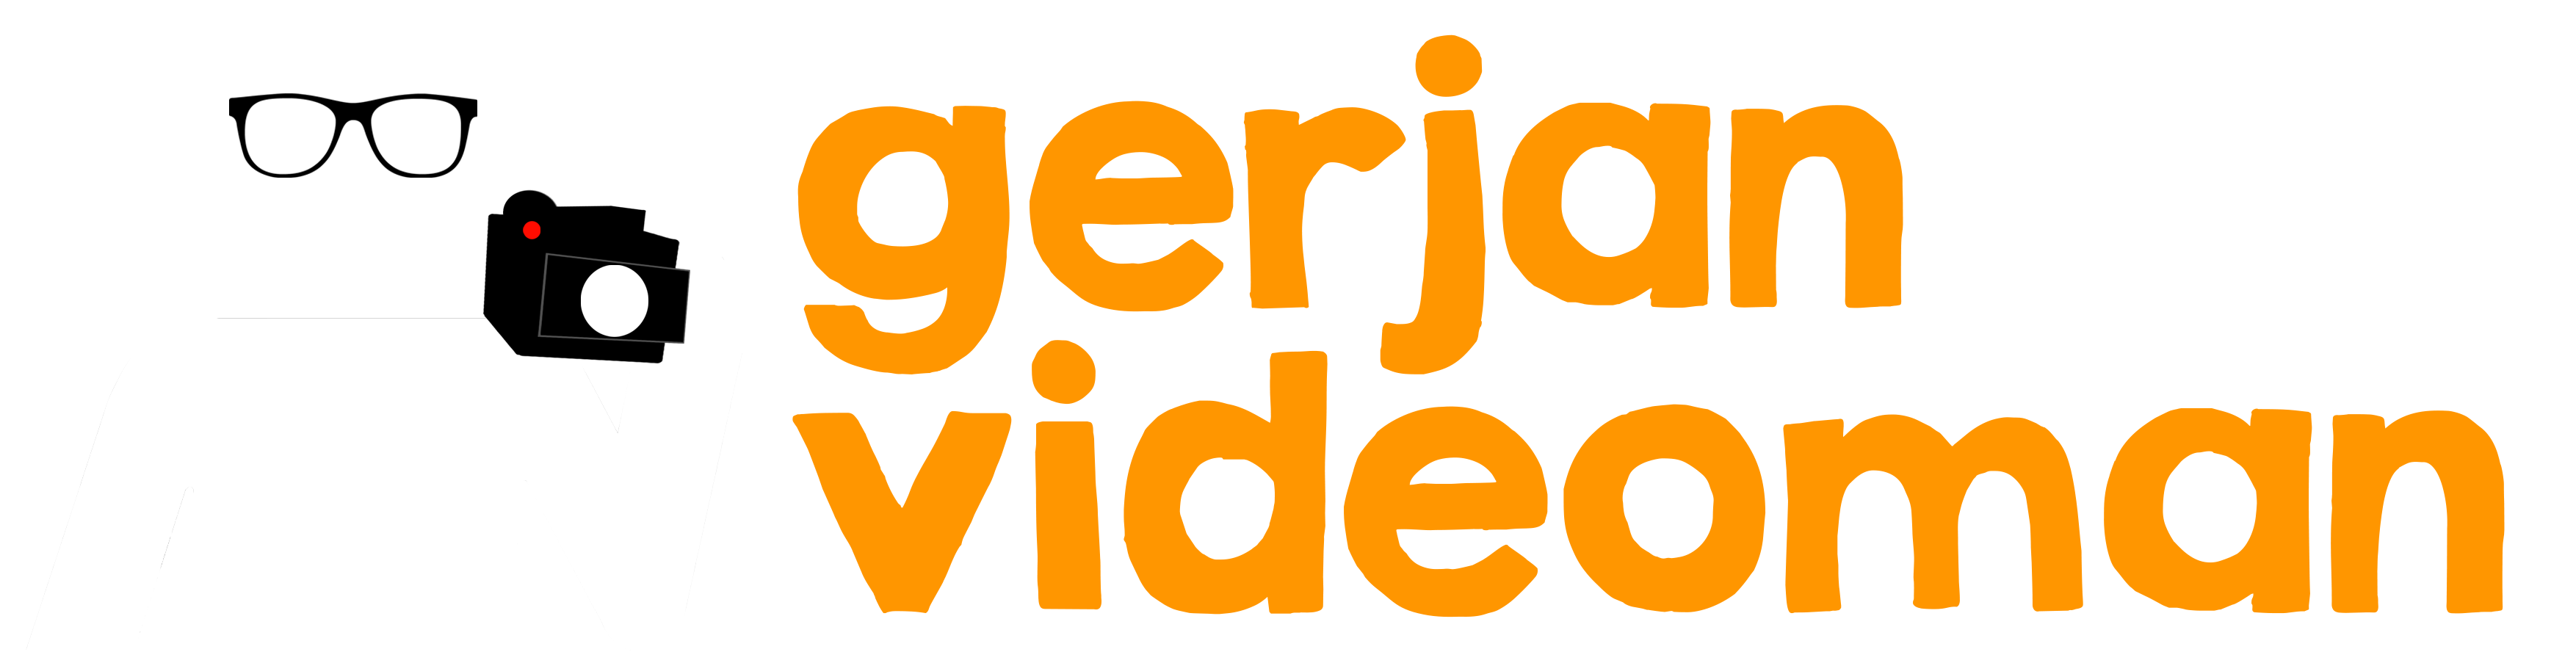 gerjan de videoman